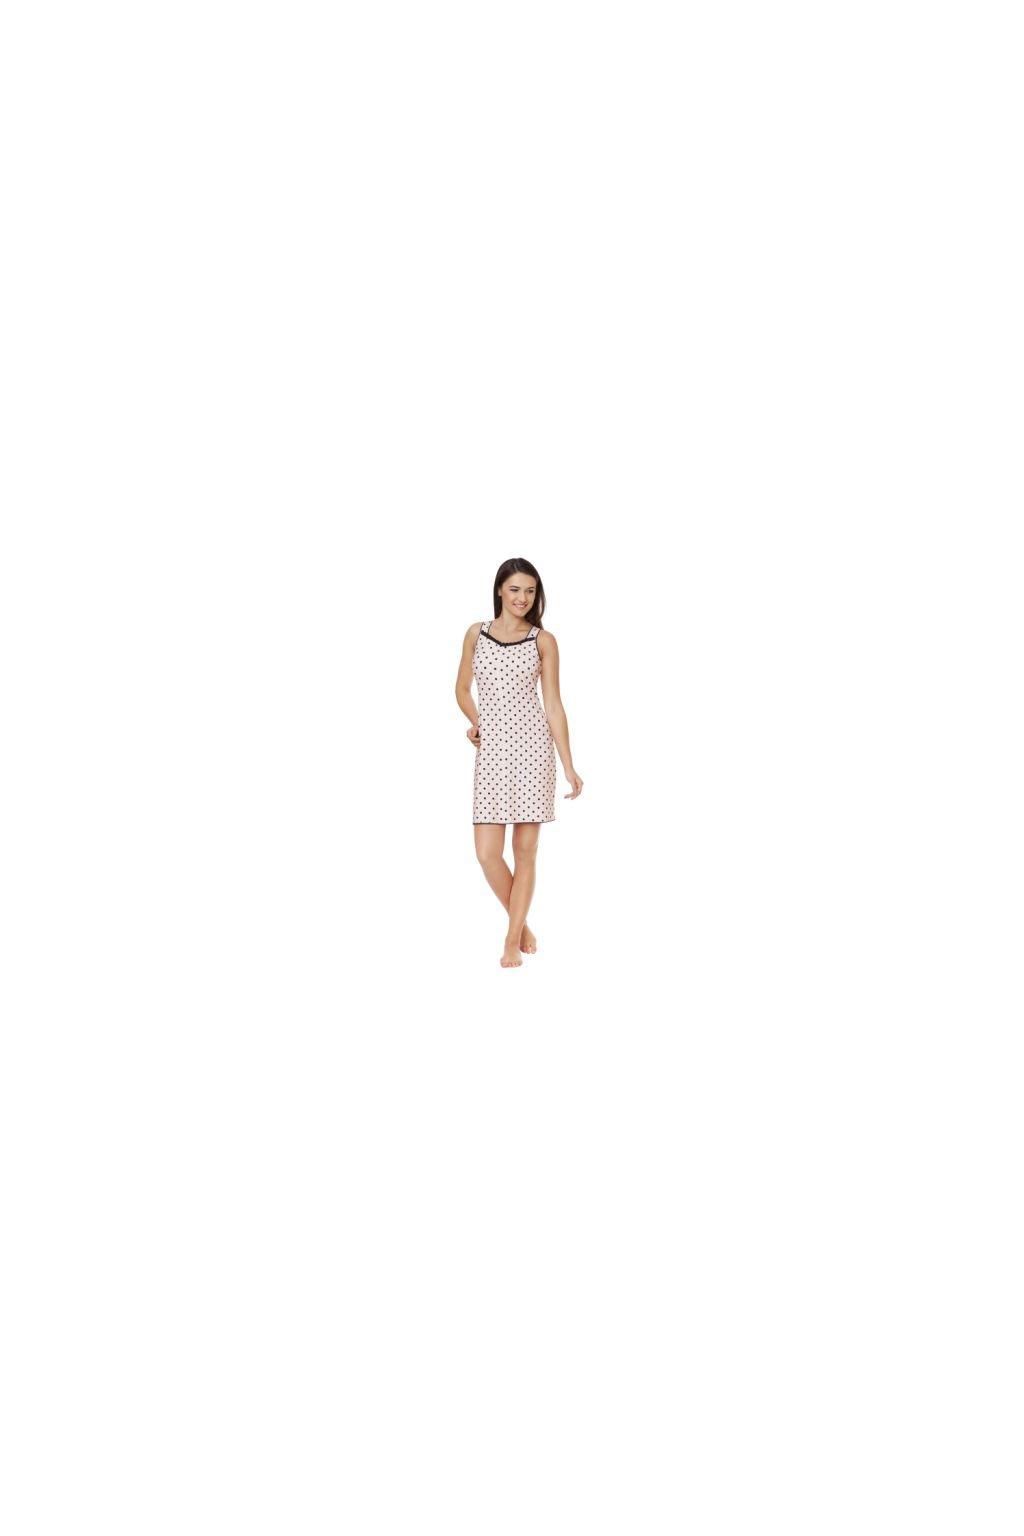 Dámská noční košile se širokými ramínky, 104326 8, růžová